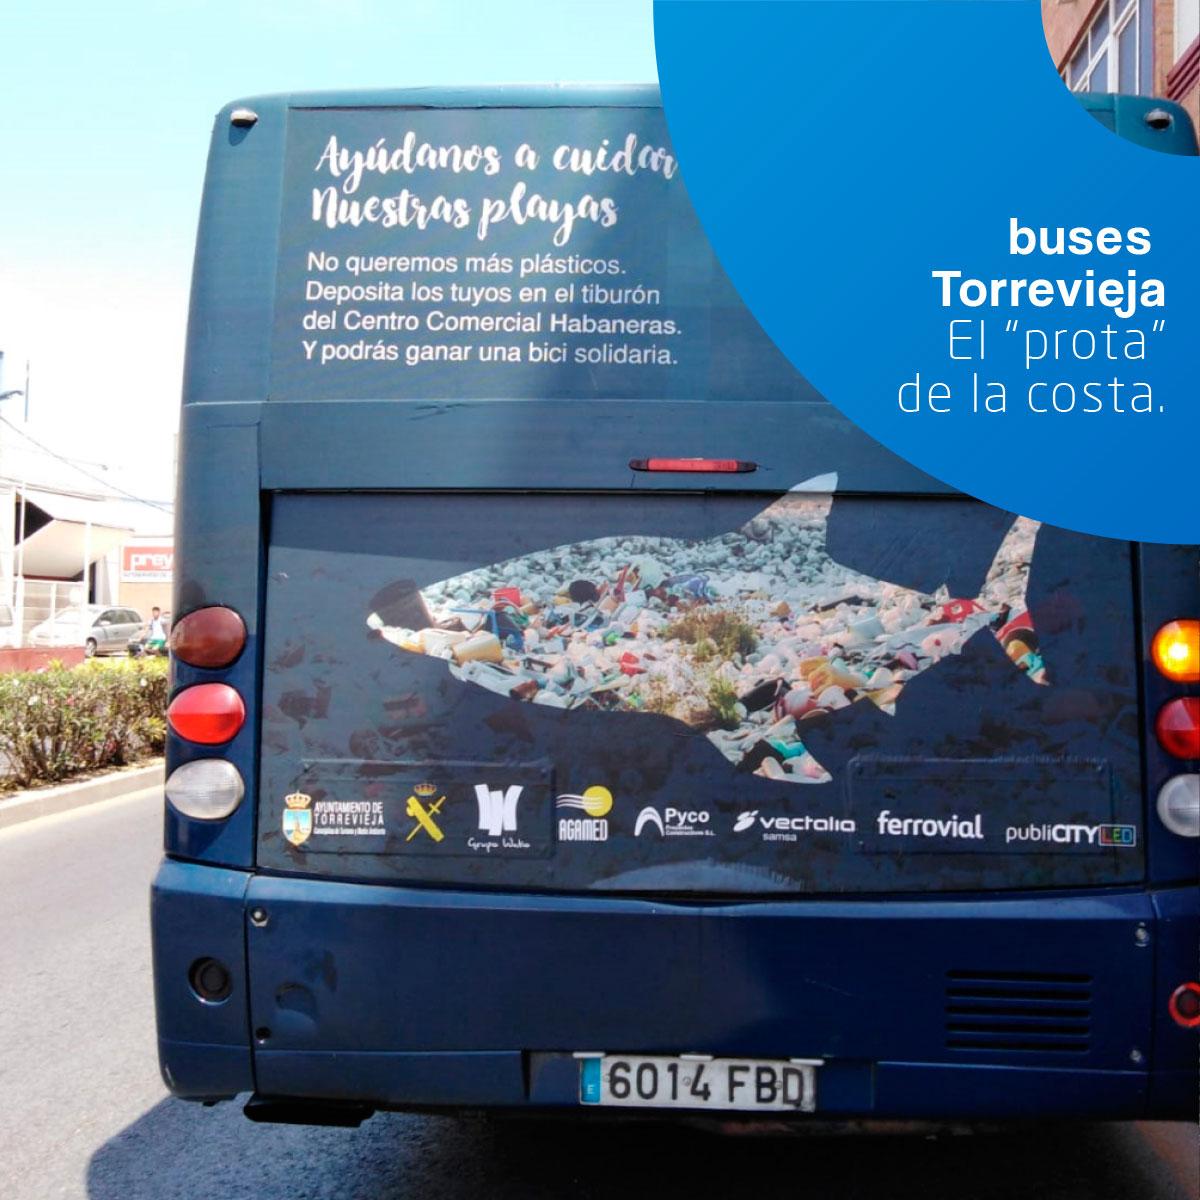 City Comunicación. Concesiones en Torrevieja